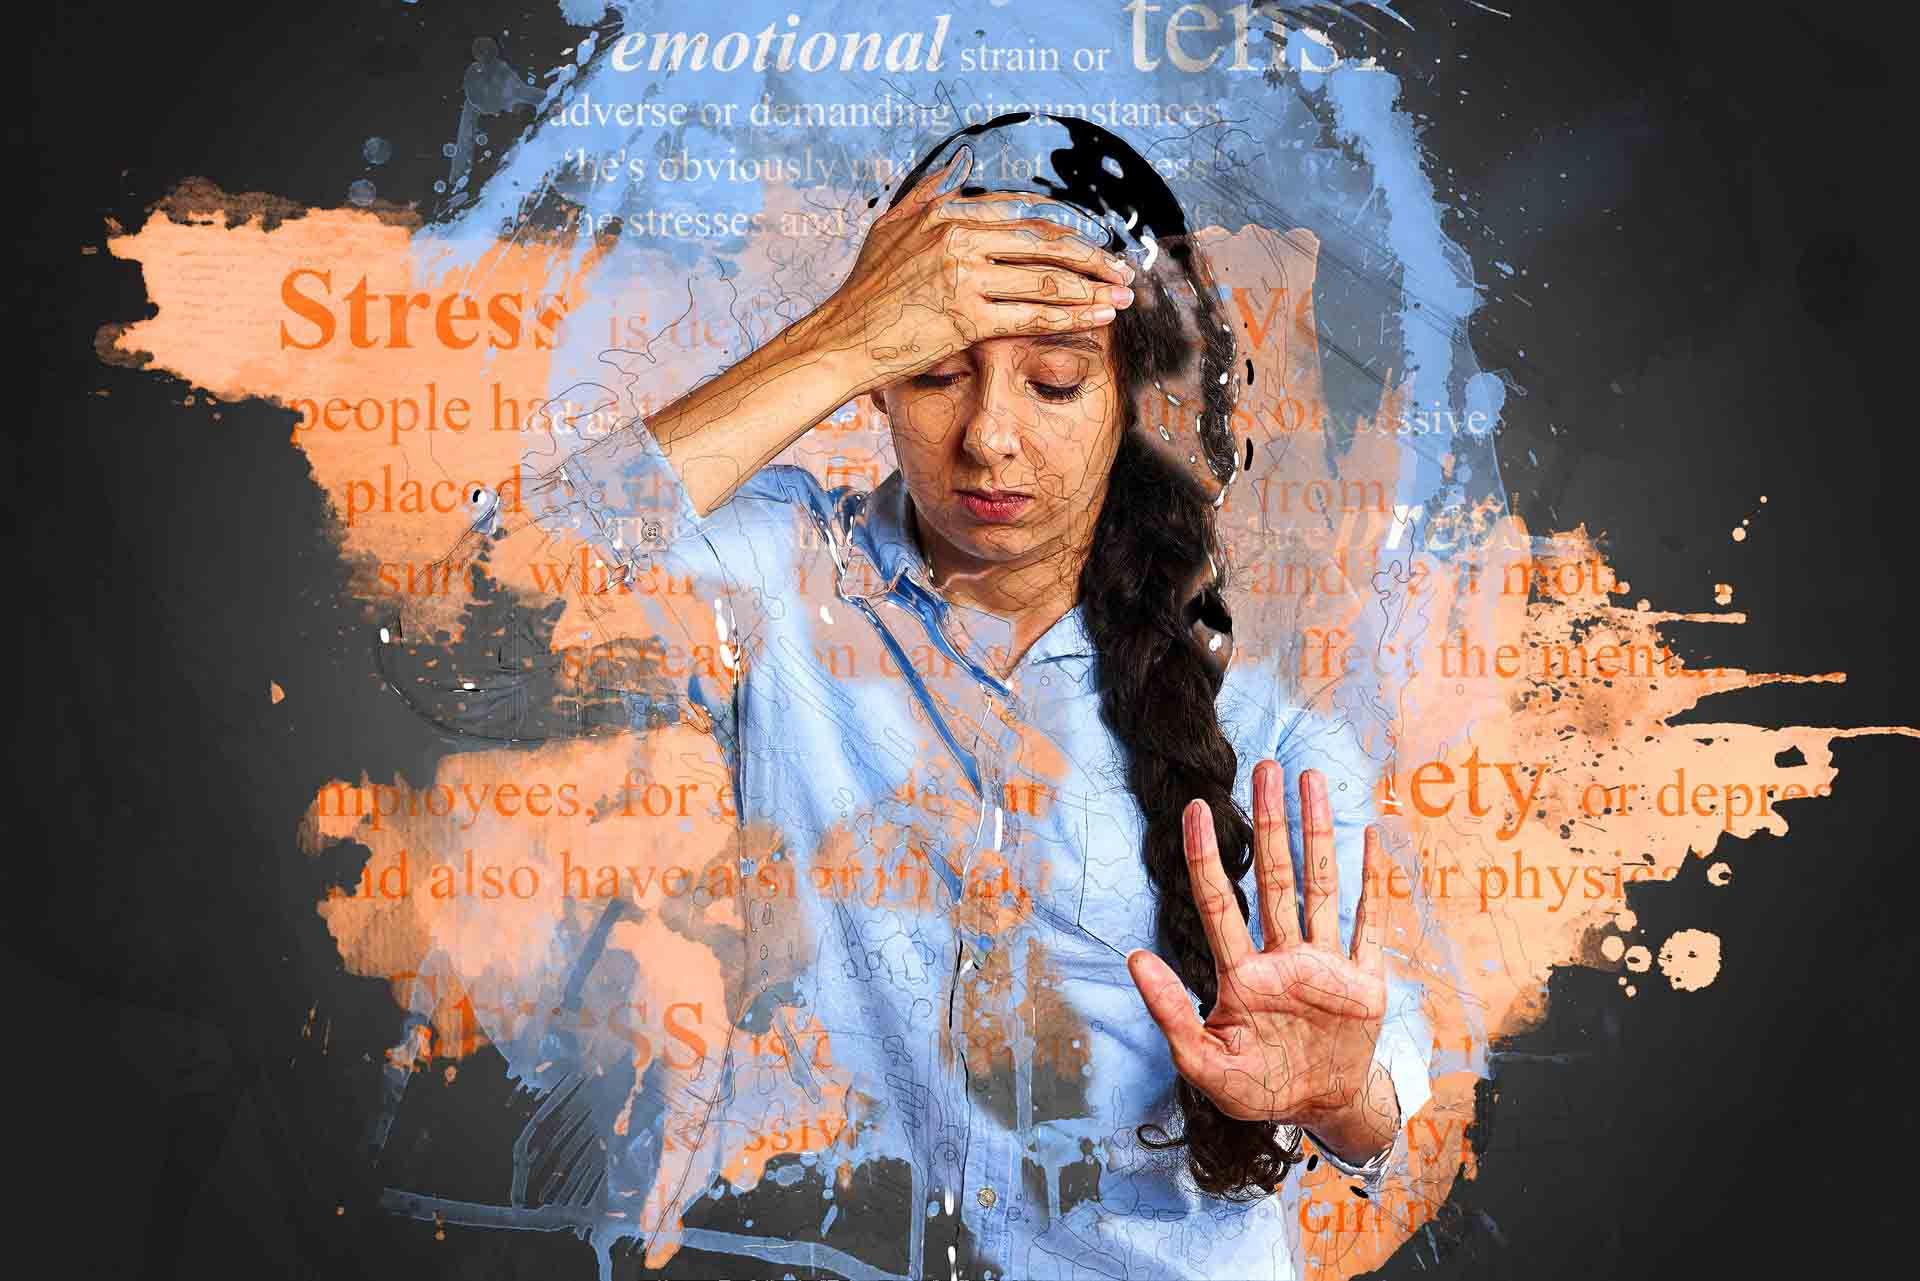 Kako prepoznati pozitivni stres?